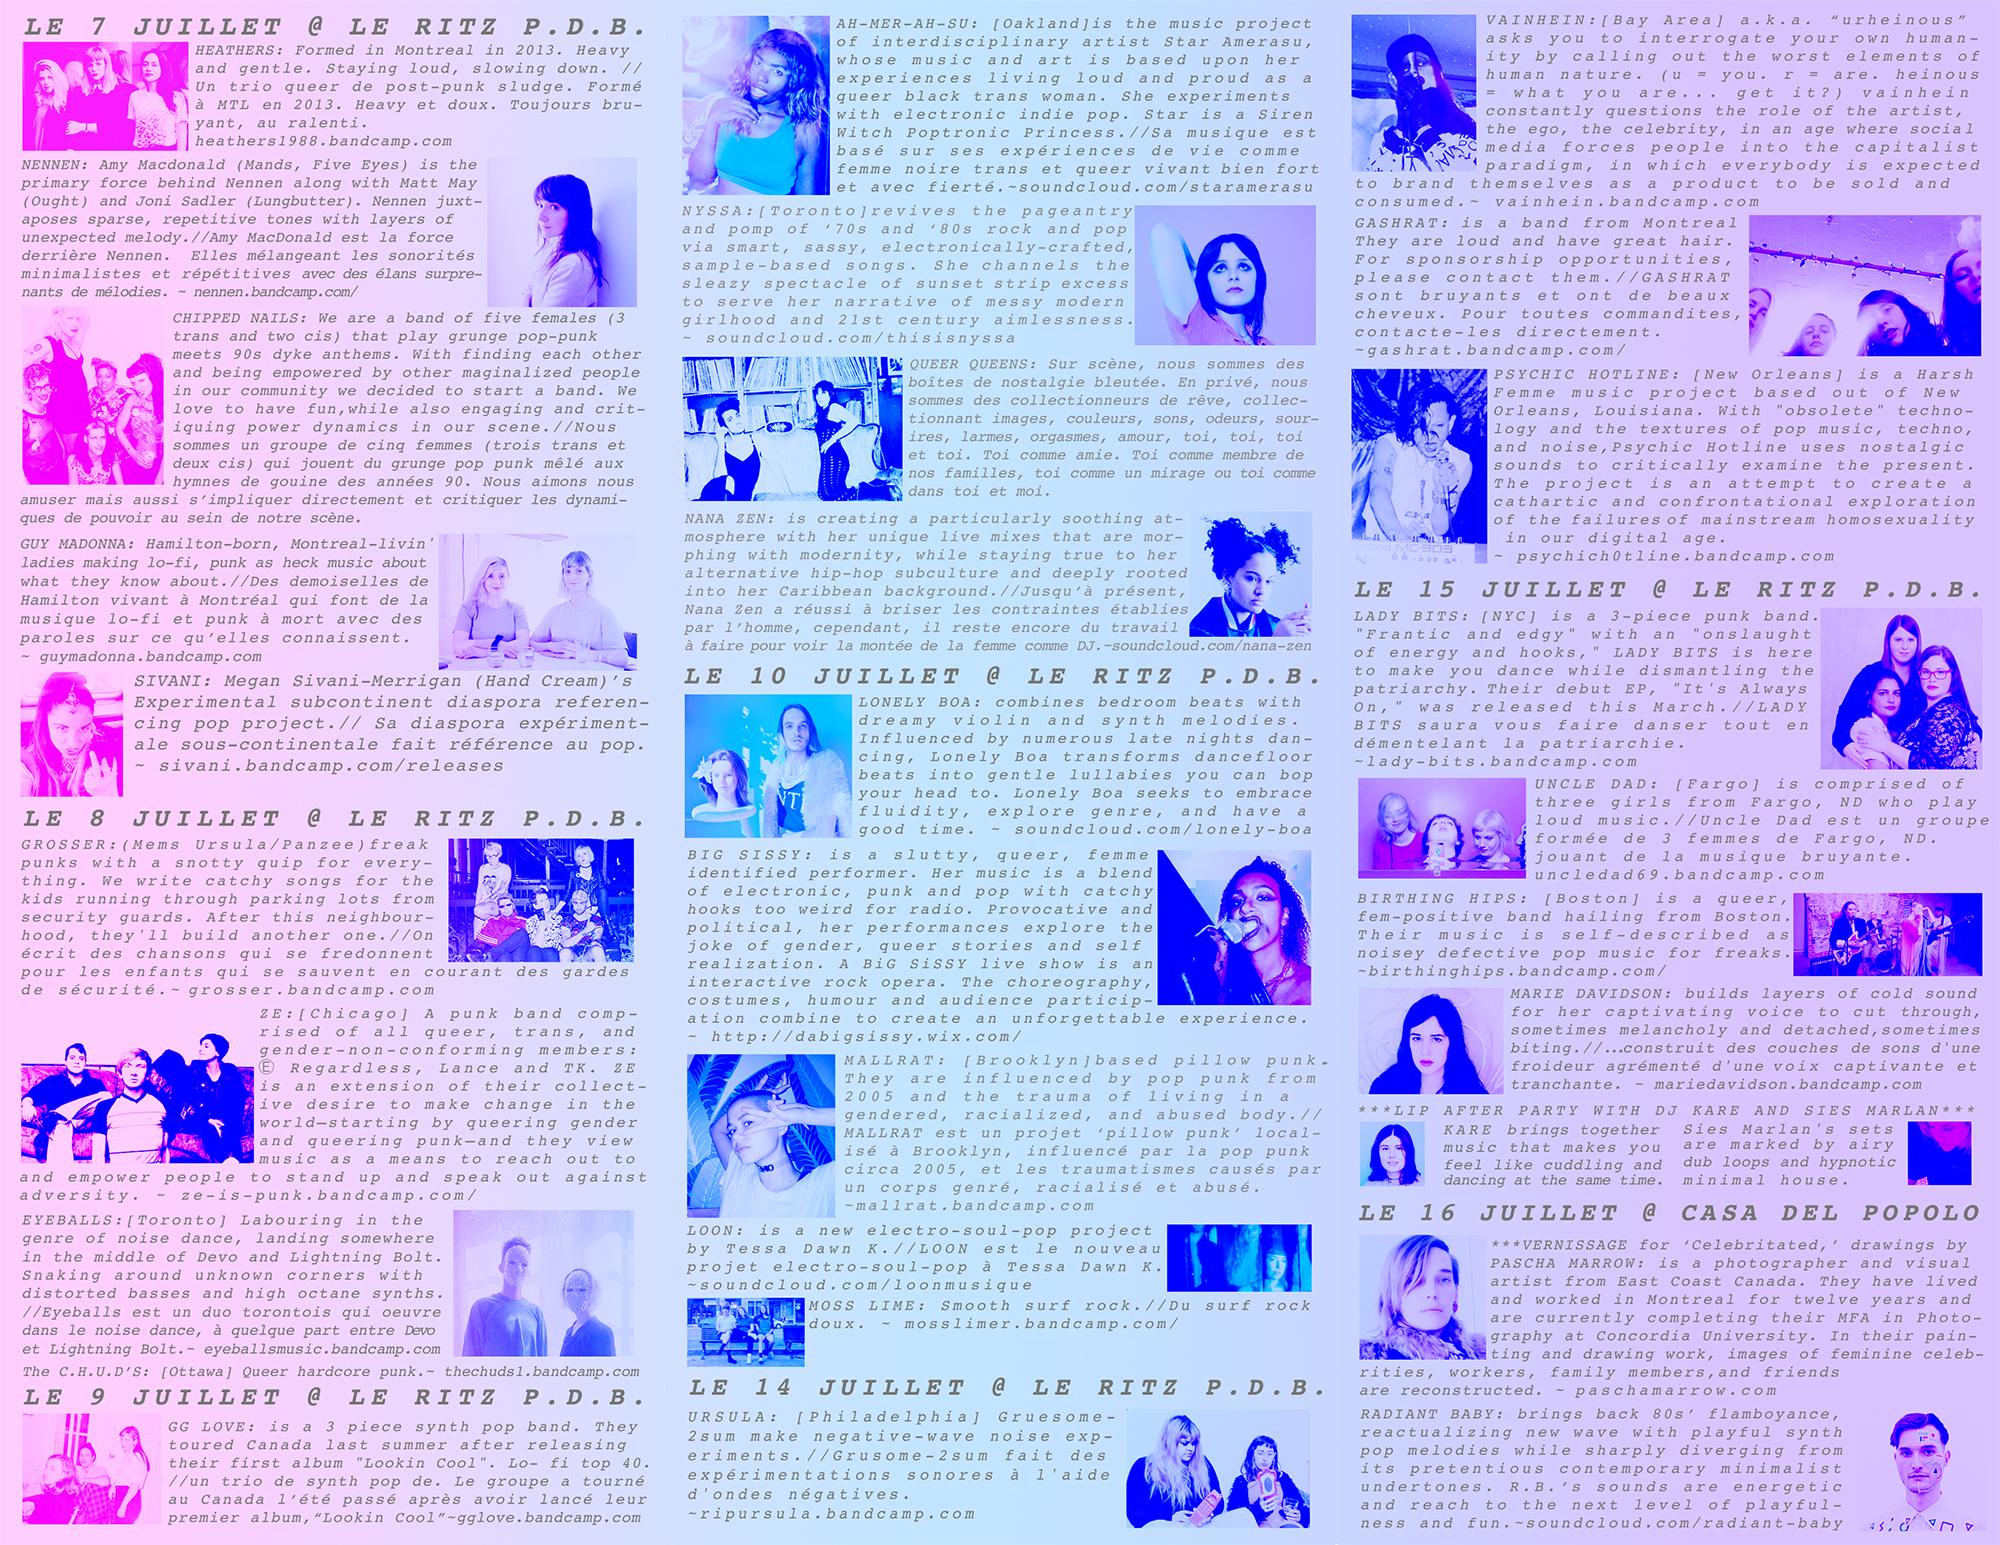 pamphlet SIDE 2-.jpg